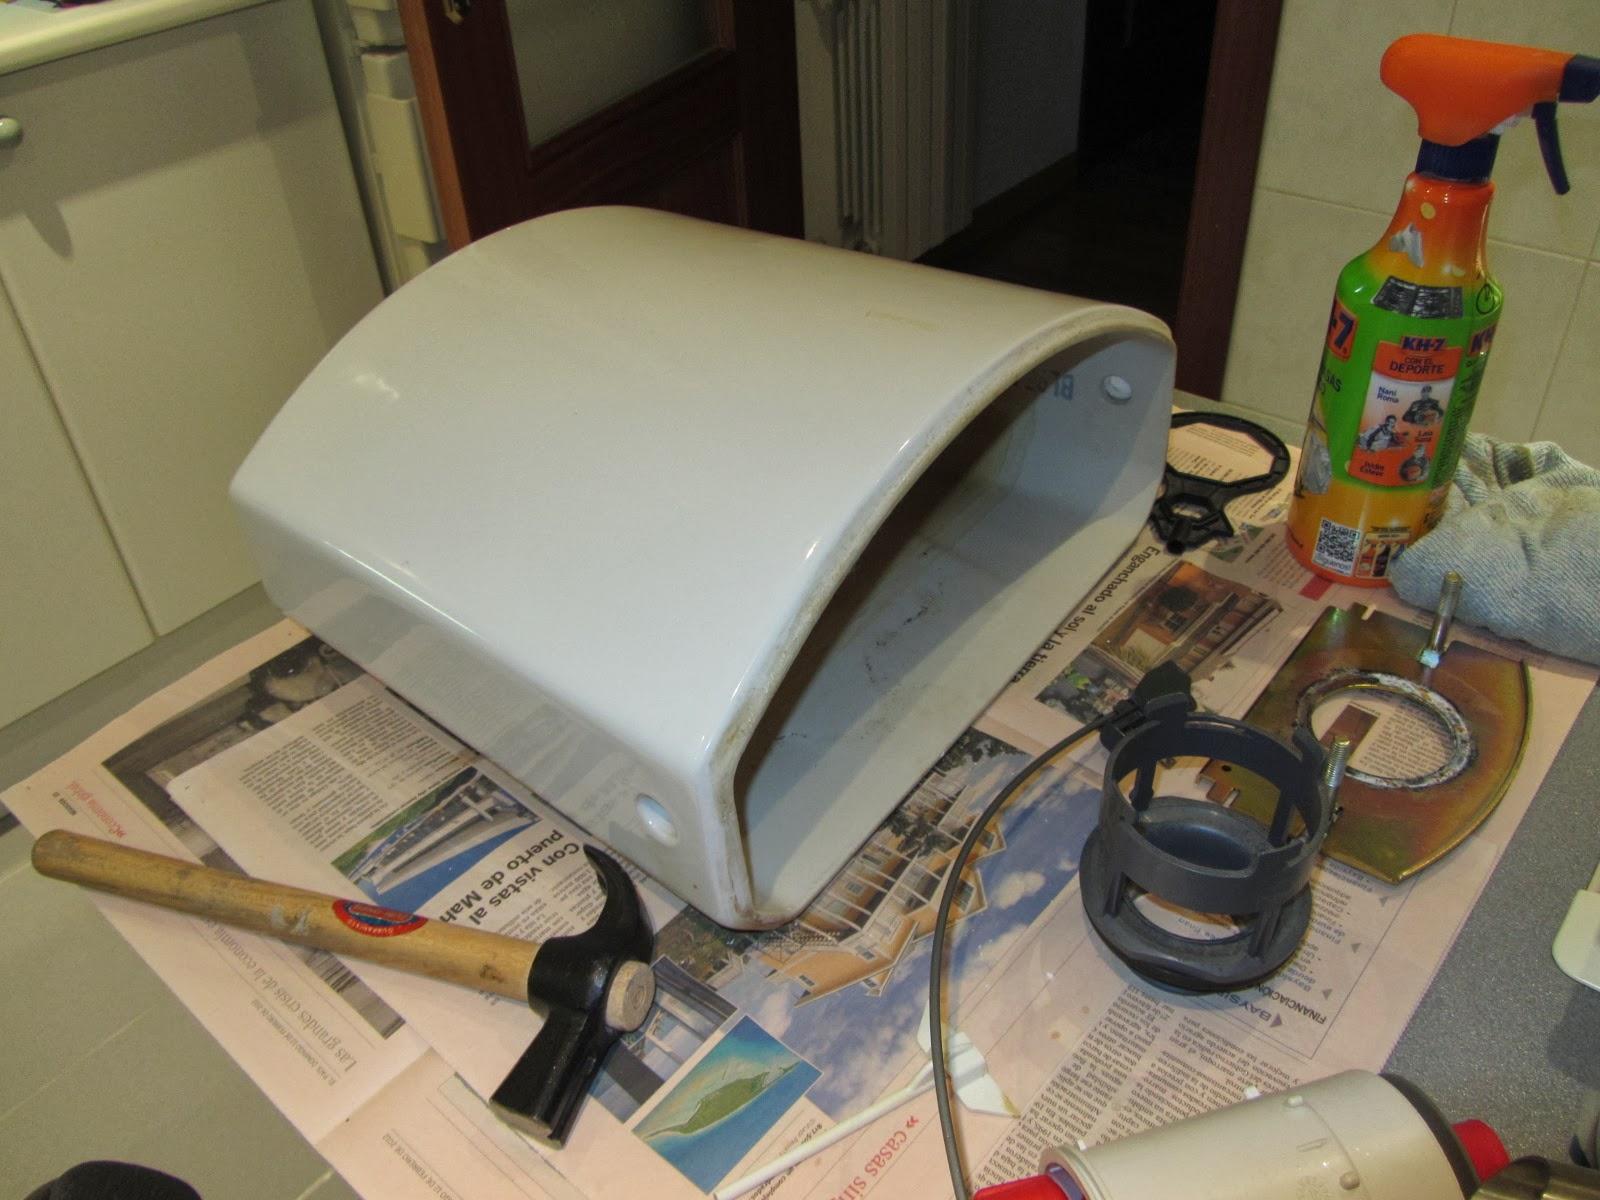 Las notas de bigas proyecto cisterna for Cisterna vater